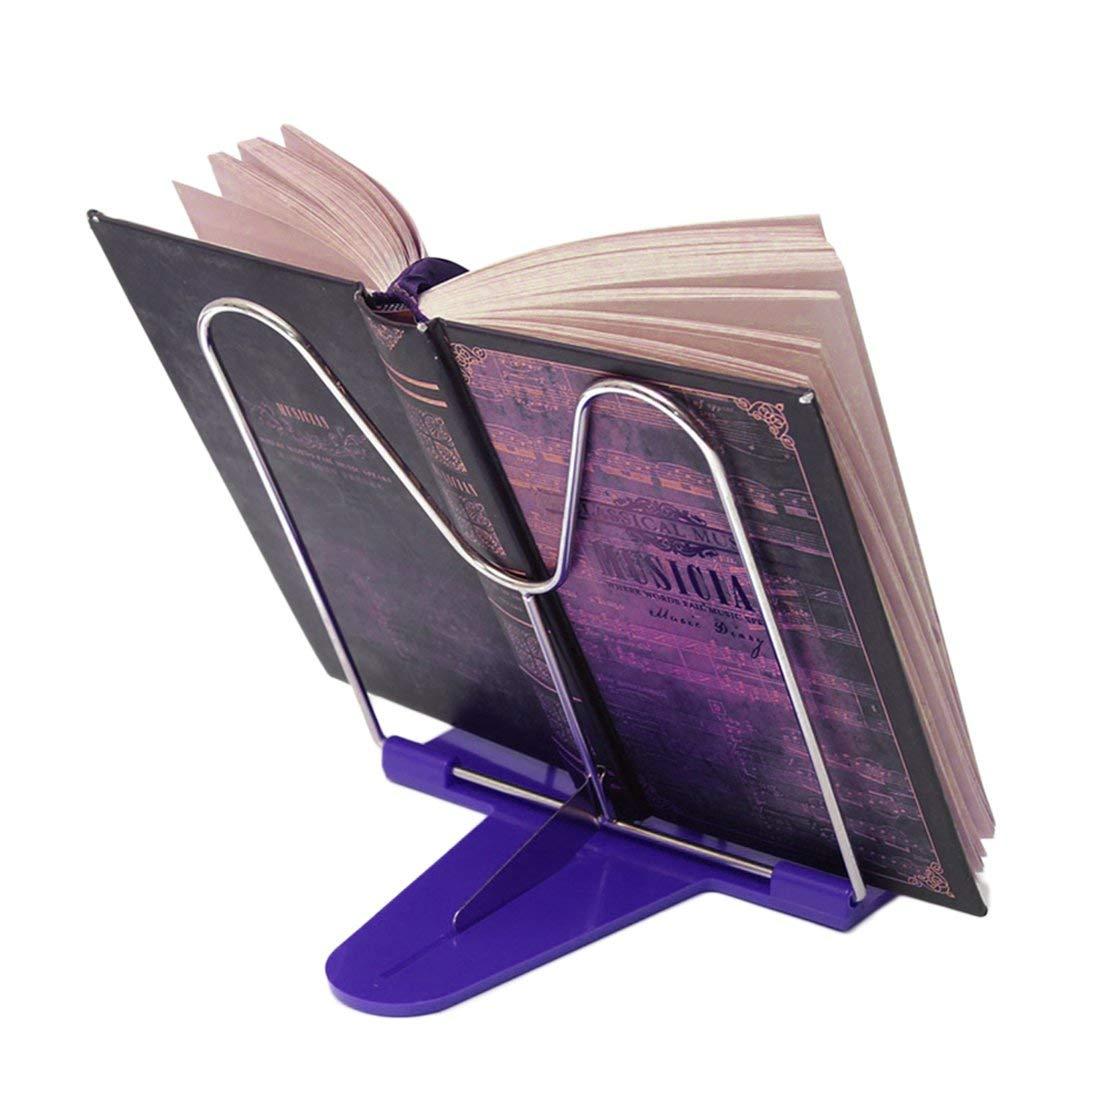 Color:blue Conveniente angolo regolabile durevole pieghevole libro di lettura portatile stand supporto per documenti scrivania fornitura ufficio in acciaio inox Rack base in plastica